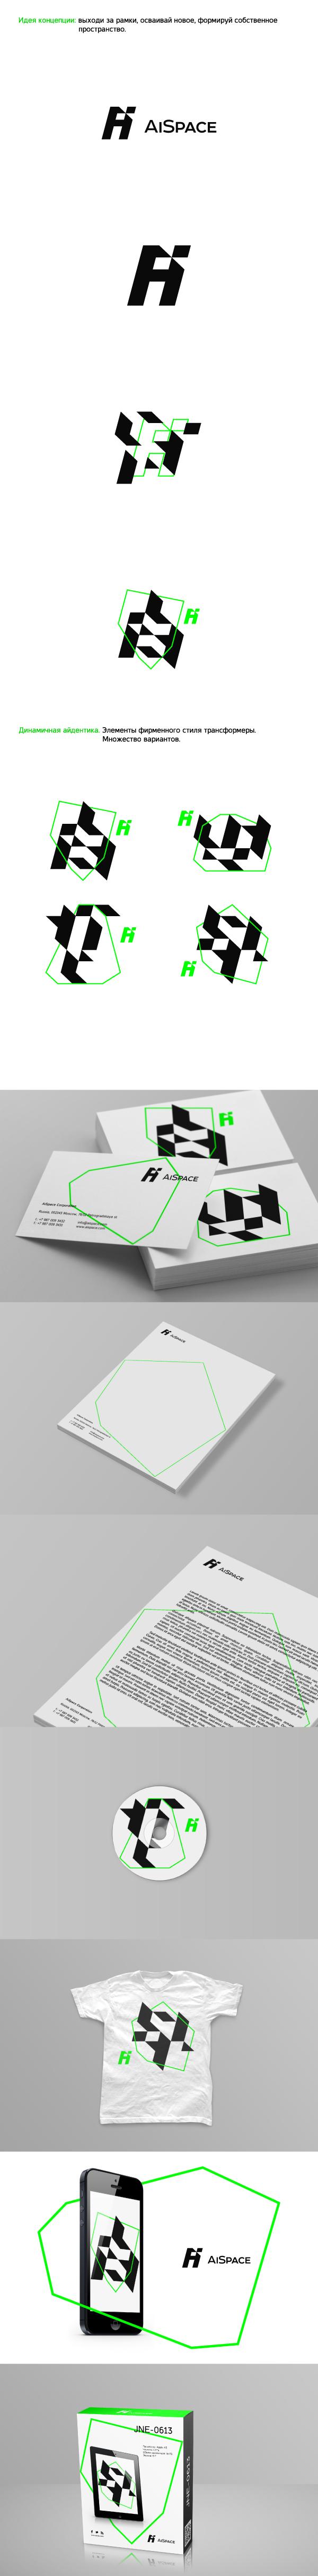 Разработать логотип и фирменный стиль для компании AiSpace фото f_57051b1a8425d550.jpg